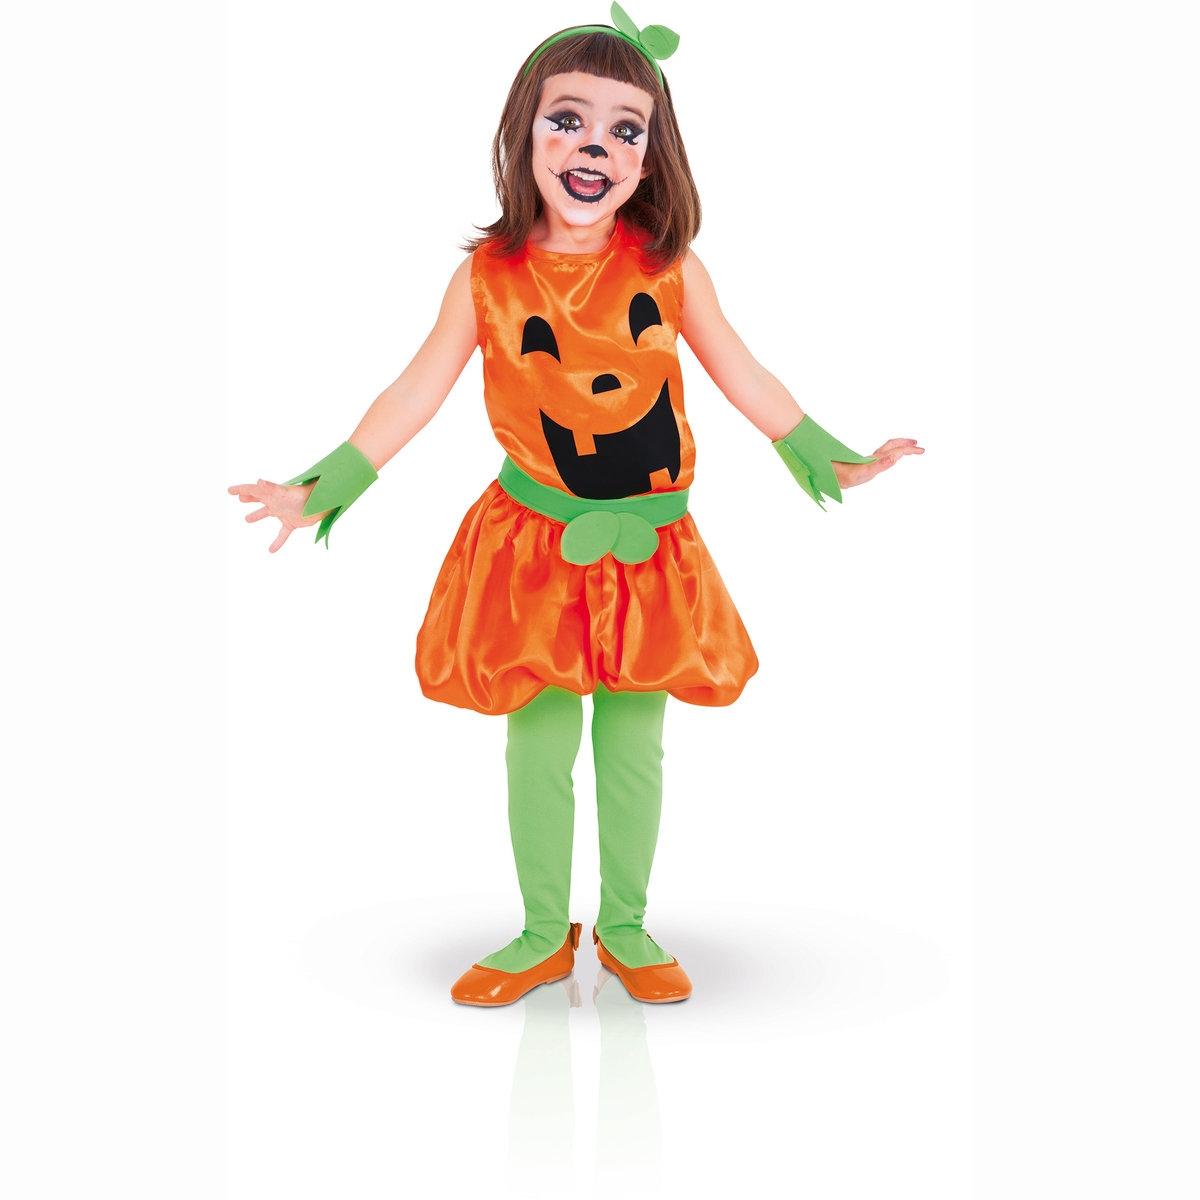 Маскарадный костюм тыквыМаскарадный костюм тыквы с короткими рукавами, головным убором и манжетами из войлока. Все для незабываемого Хэллоуина. 100% полиэстера. S : соответствует размеру для 3-4 лет. M: соответствует размеру для 5-6 лет. L : соответствует размеру для 7-8 лет<br><br>Цвет: набивной рисунок<br>Размер: S.M